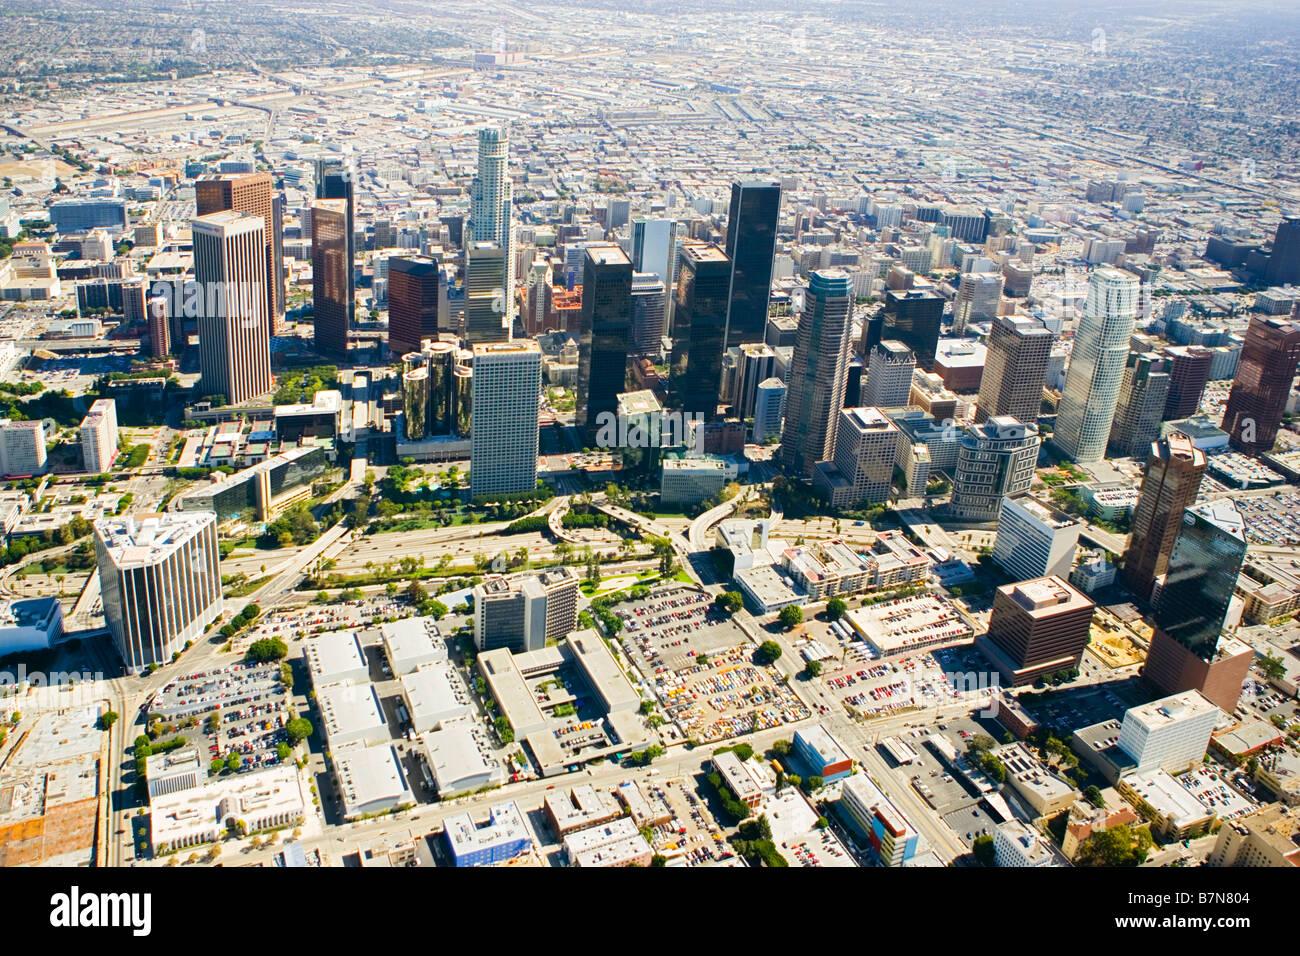 Luftaufnahme der Innenstadt von Los Angeles Stockbild